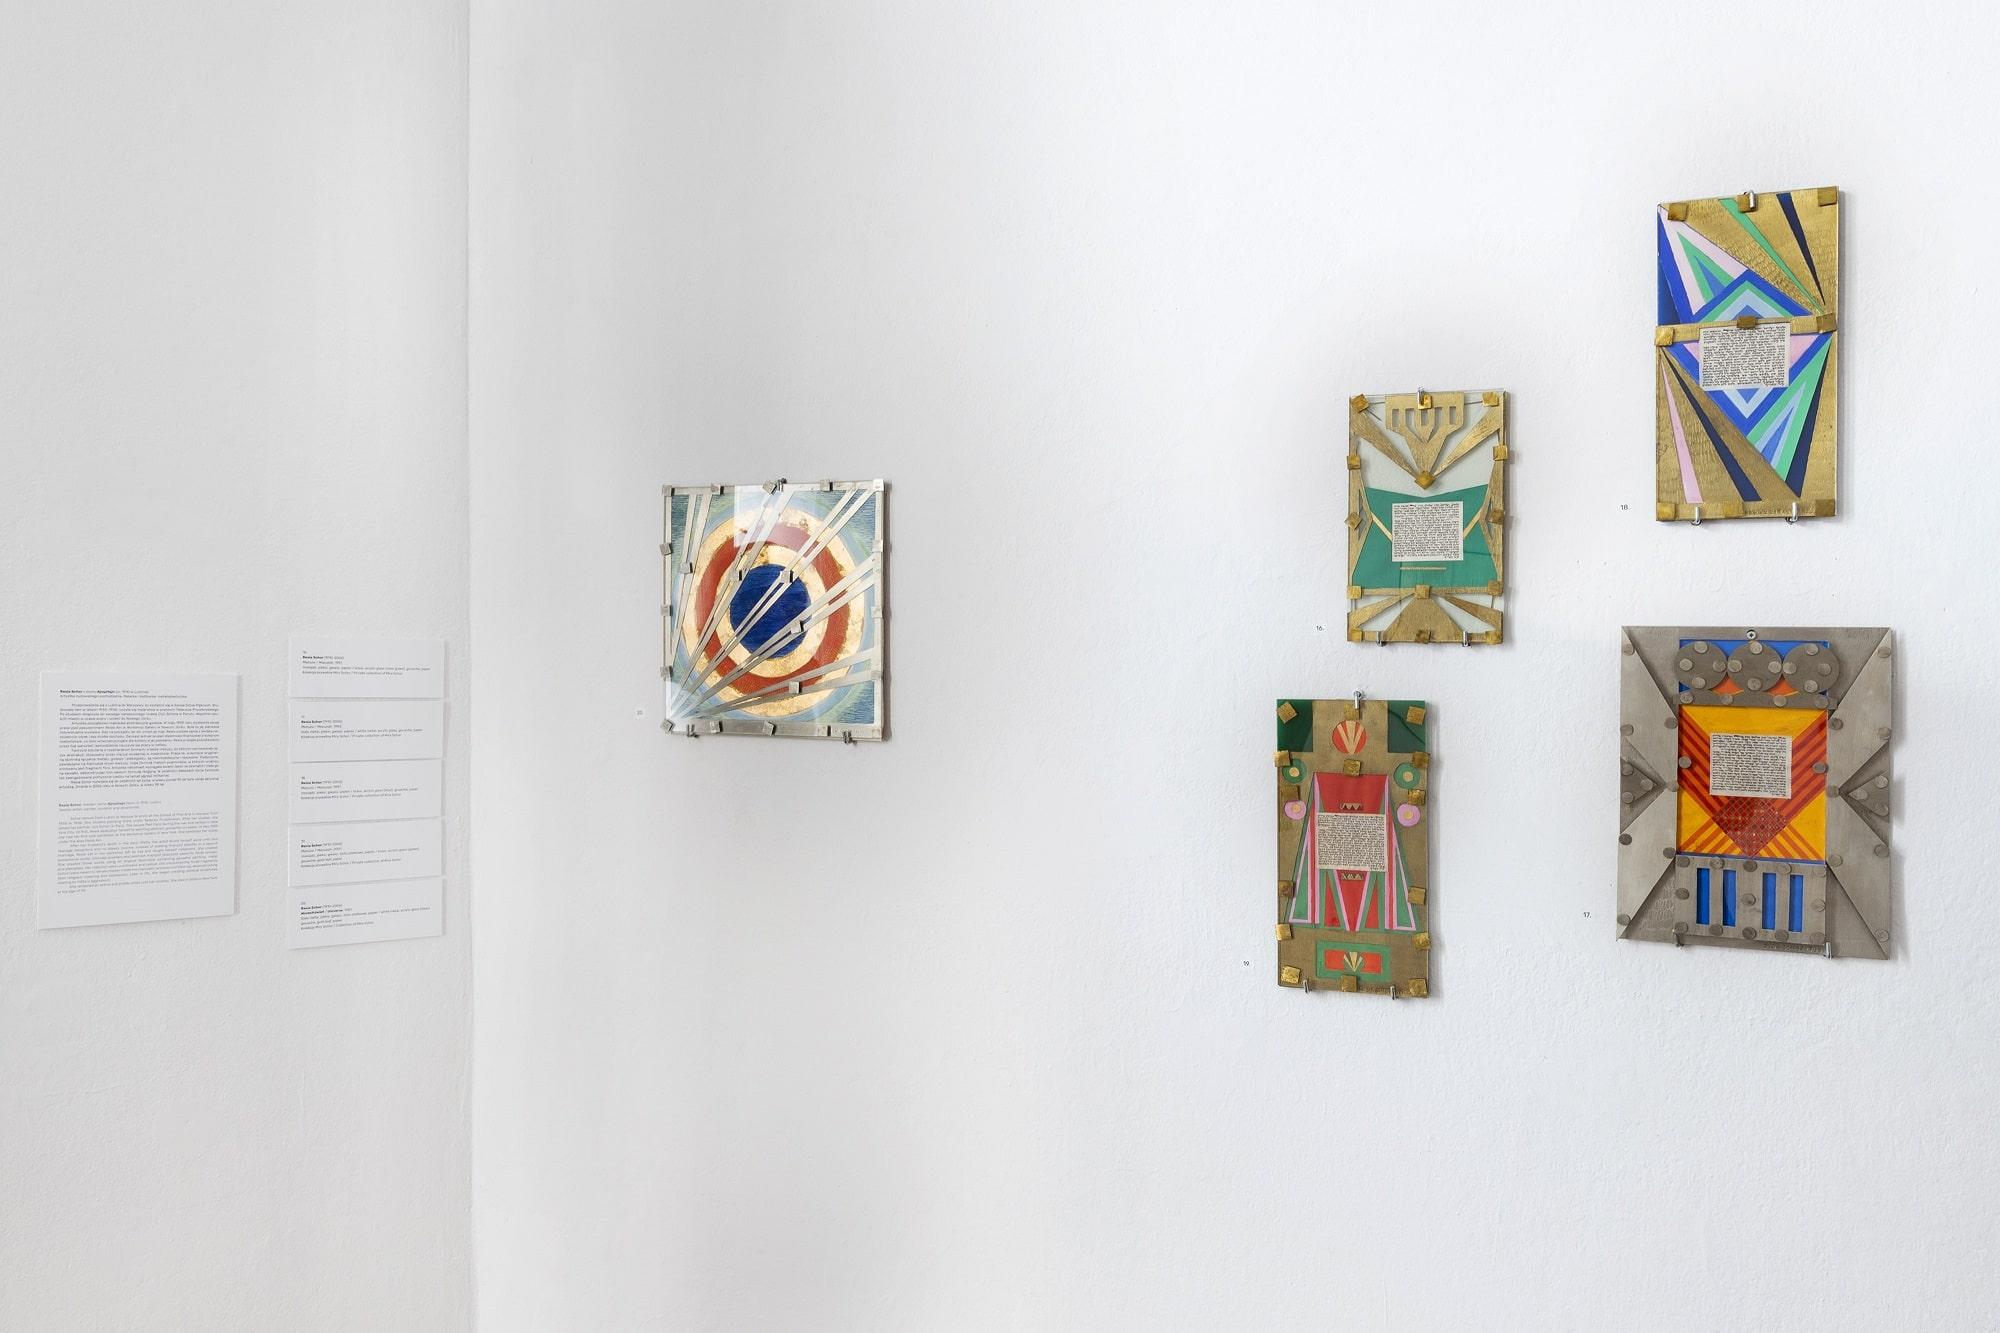 Kocham w życiu trzy rzeczy: samochód, alkohol i marynarzy, widok wystawy, galeria lokal_30, 2021, fot. Alexander Kot-Zaitsaú